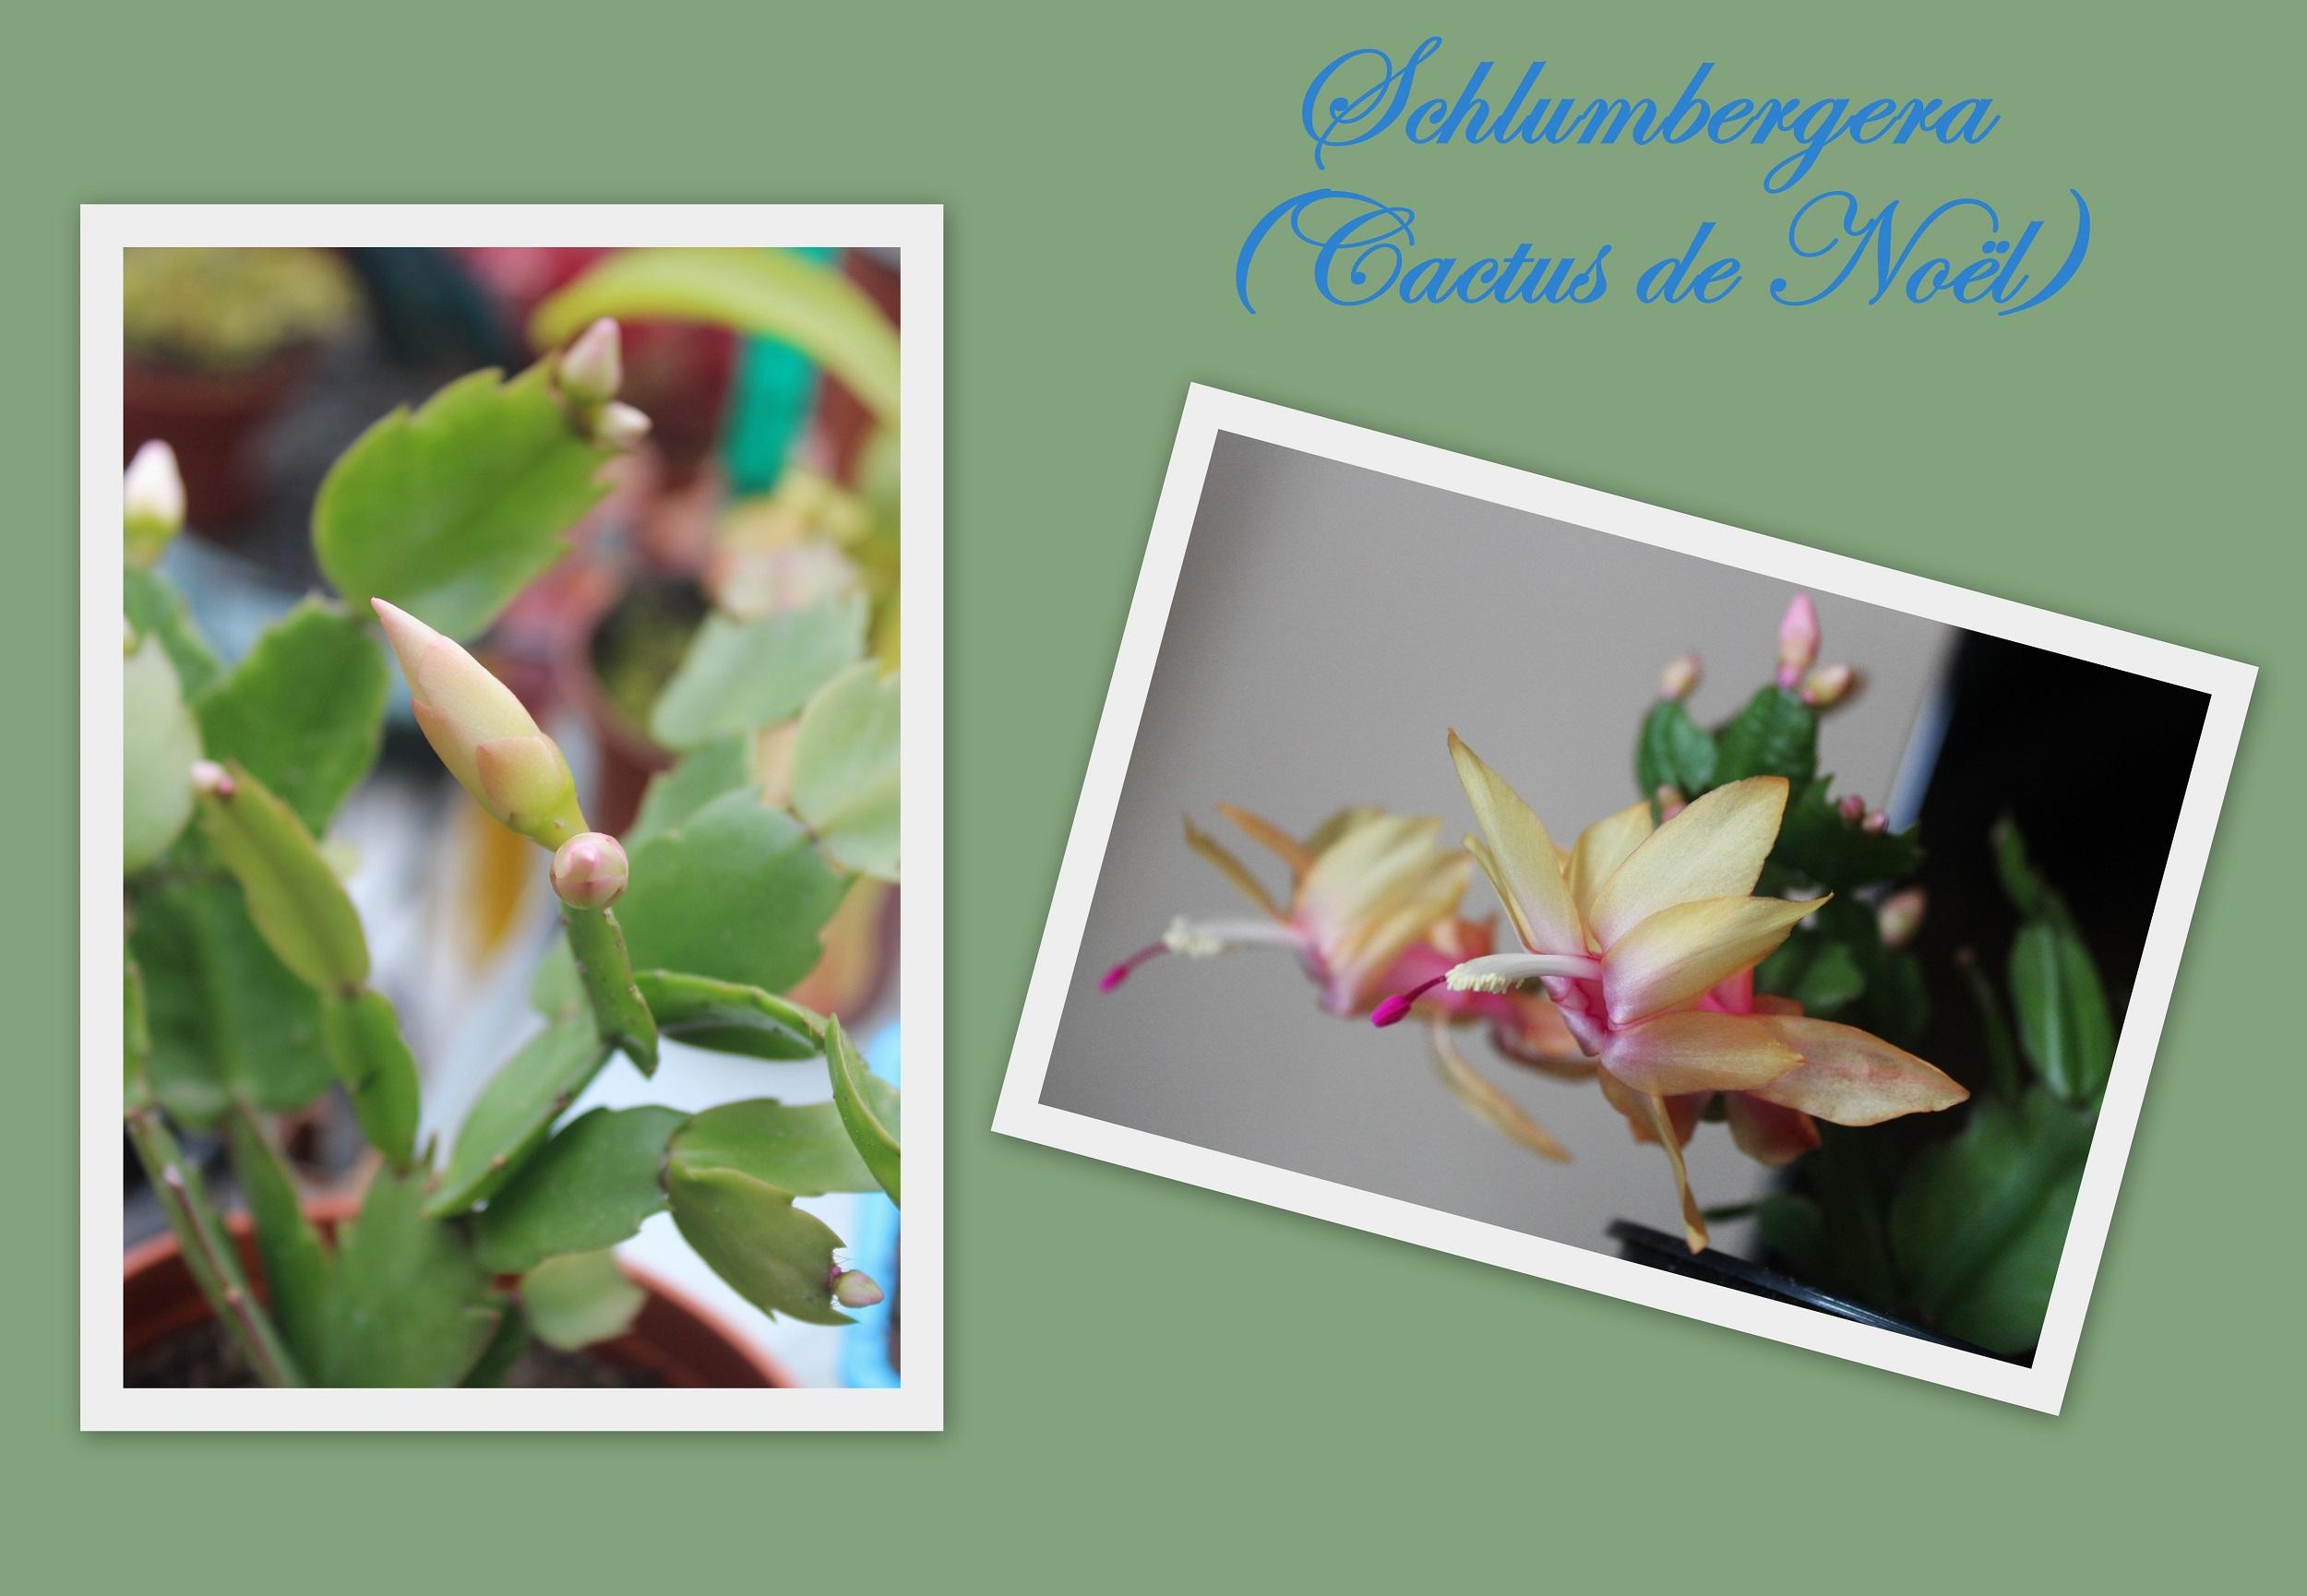 schlumbergera ou cactus de noël - photos nature lydienaturegreen